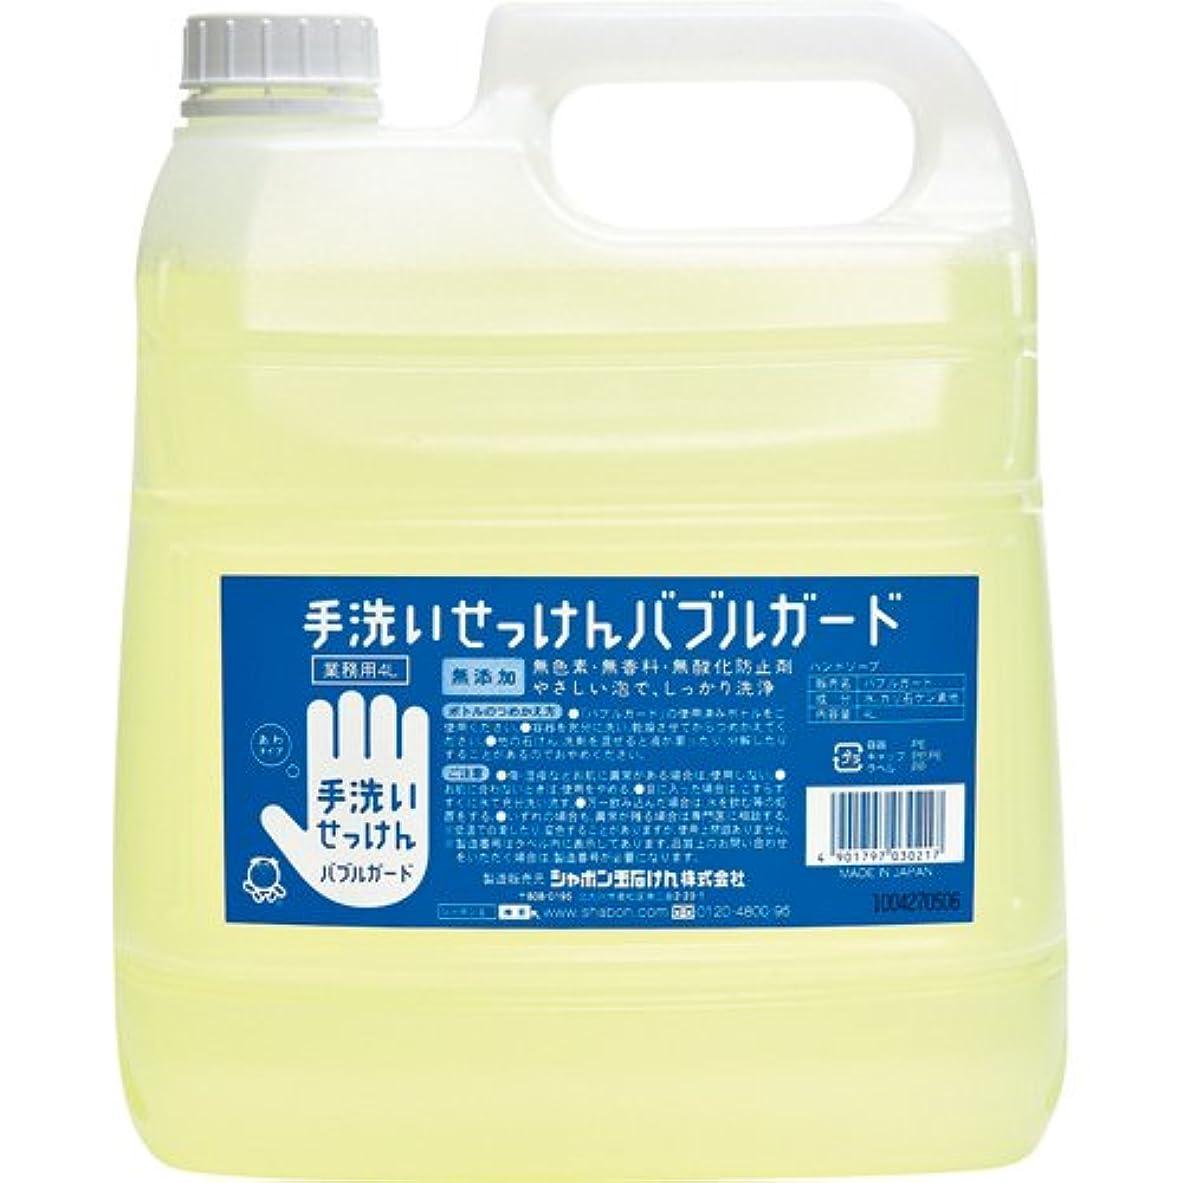 申し込む豊かな革命[シャボン玉石けん 1692542] (ケア商品)手洗いせっけん バブルガード 泡タイプ 業務用 4L